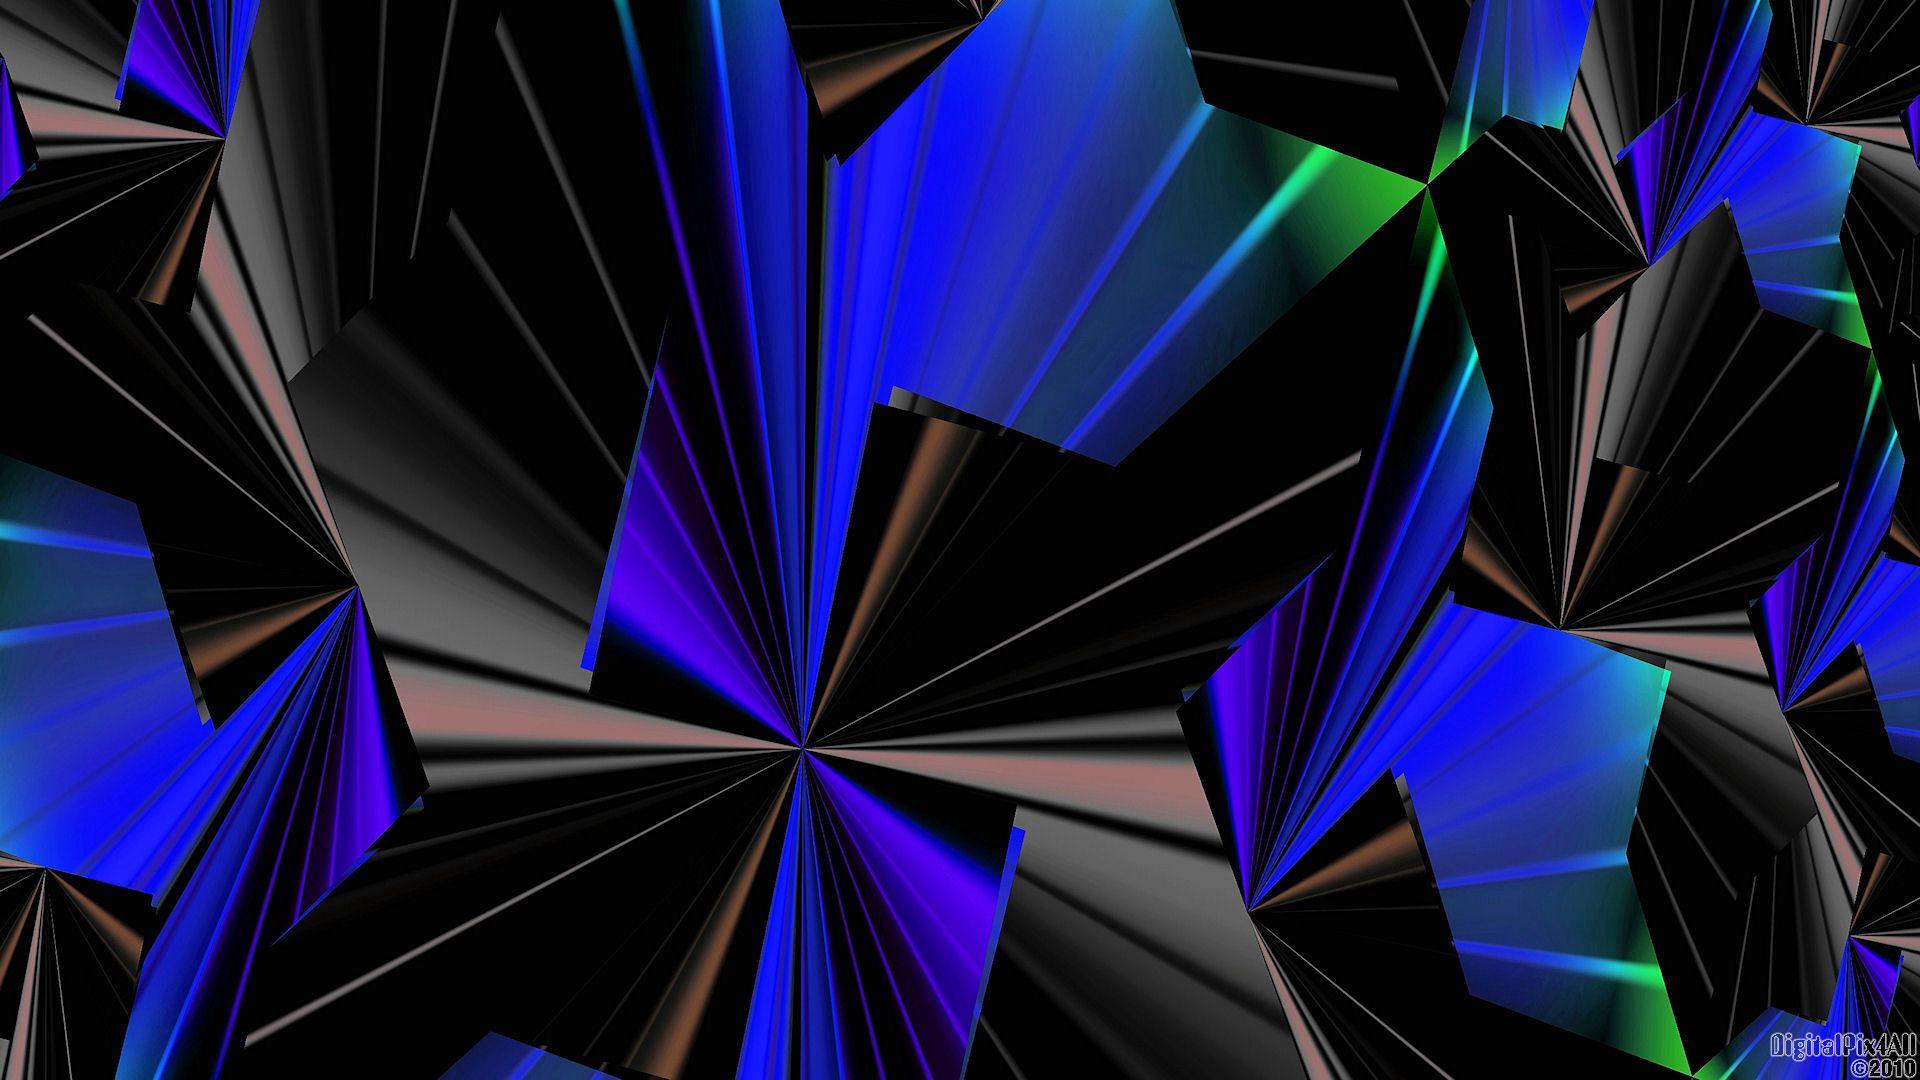 93040 скачать обои Абстракция, Фон, Цвет, Трещины - заставки и картинки бесплатно